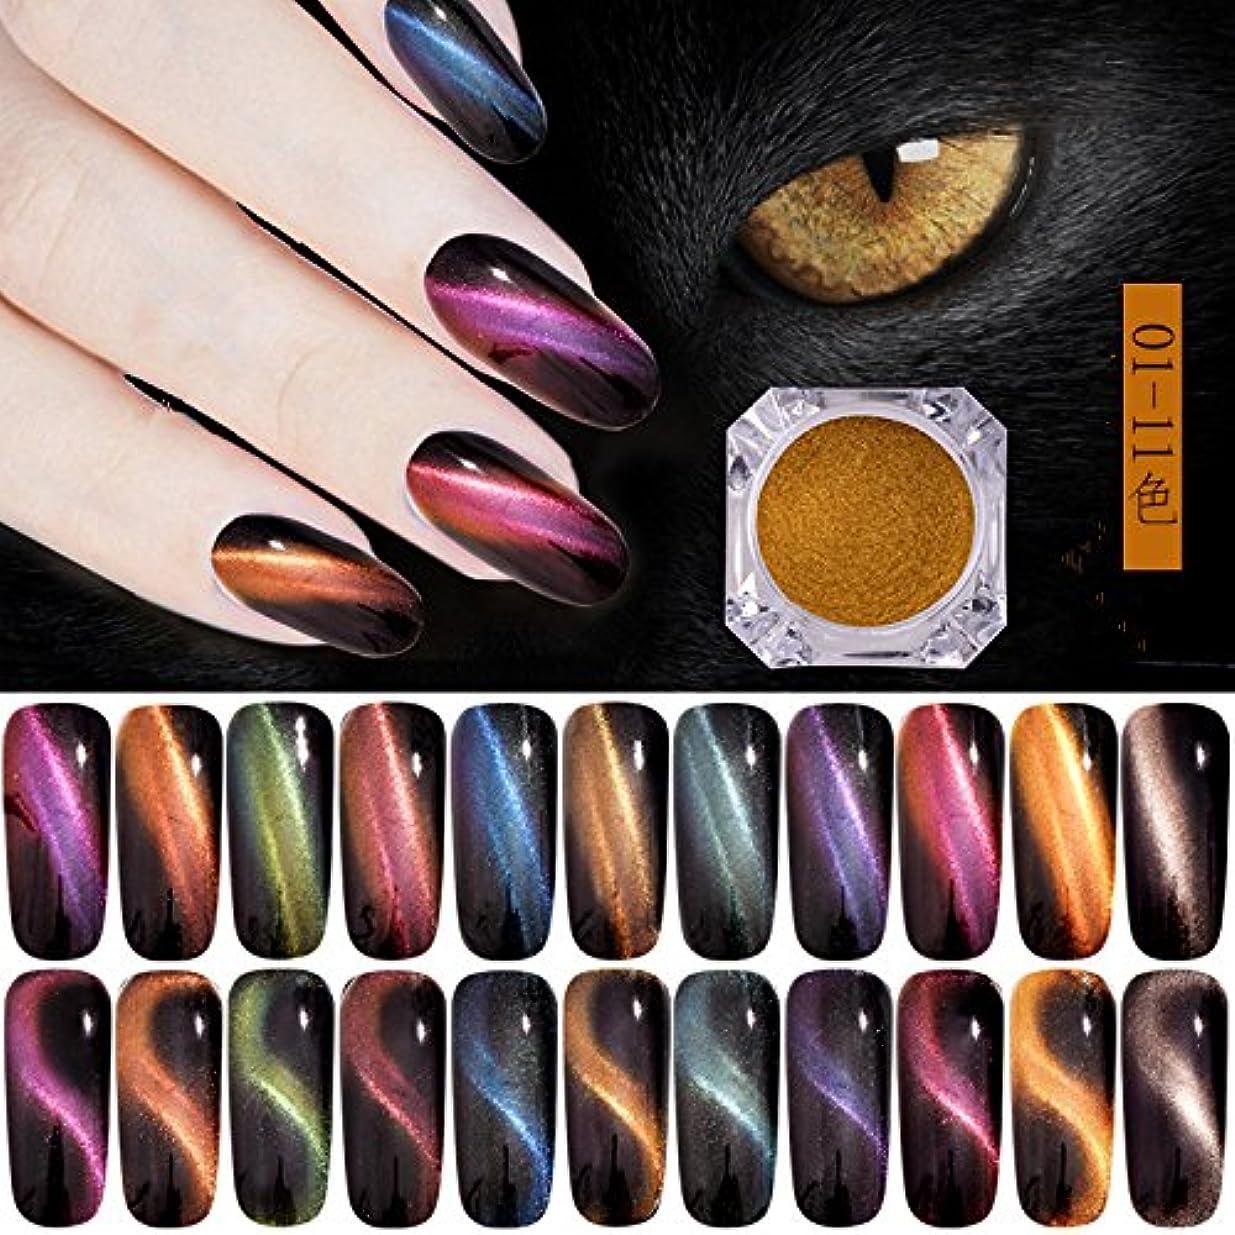 隣接支援する扱うオーロラキャッツアイカラーパウダー カメレオン&猫の目のように効果 マグネットネイルパウダー マジック磁気グリッターダストUVジェルマニキュアネイルアートピグメント 11色から選べ (11色セット)